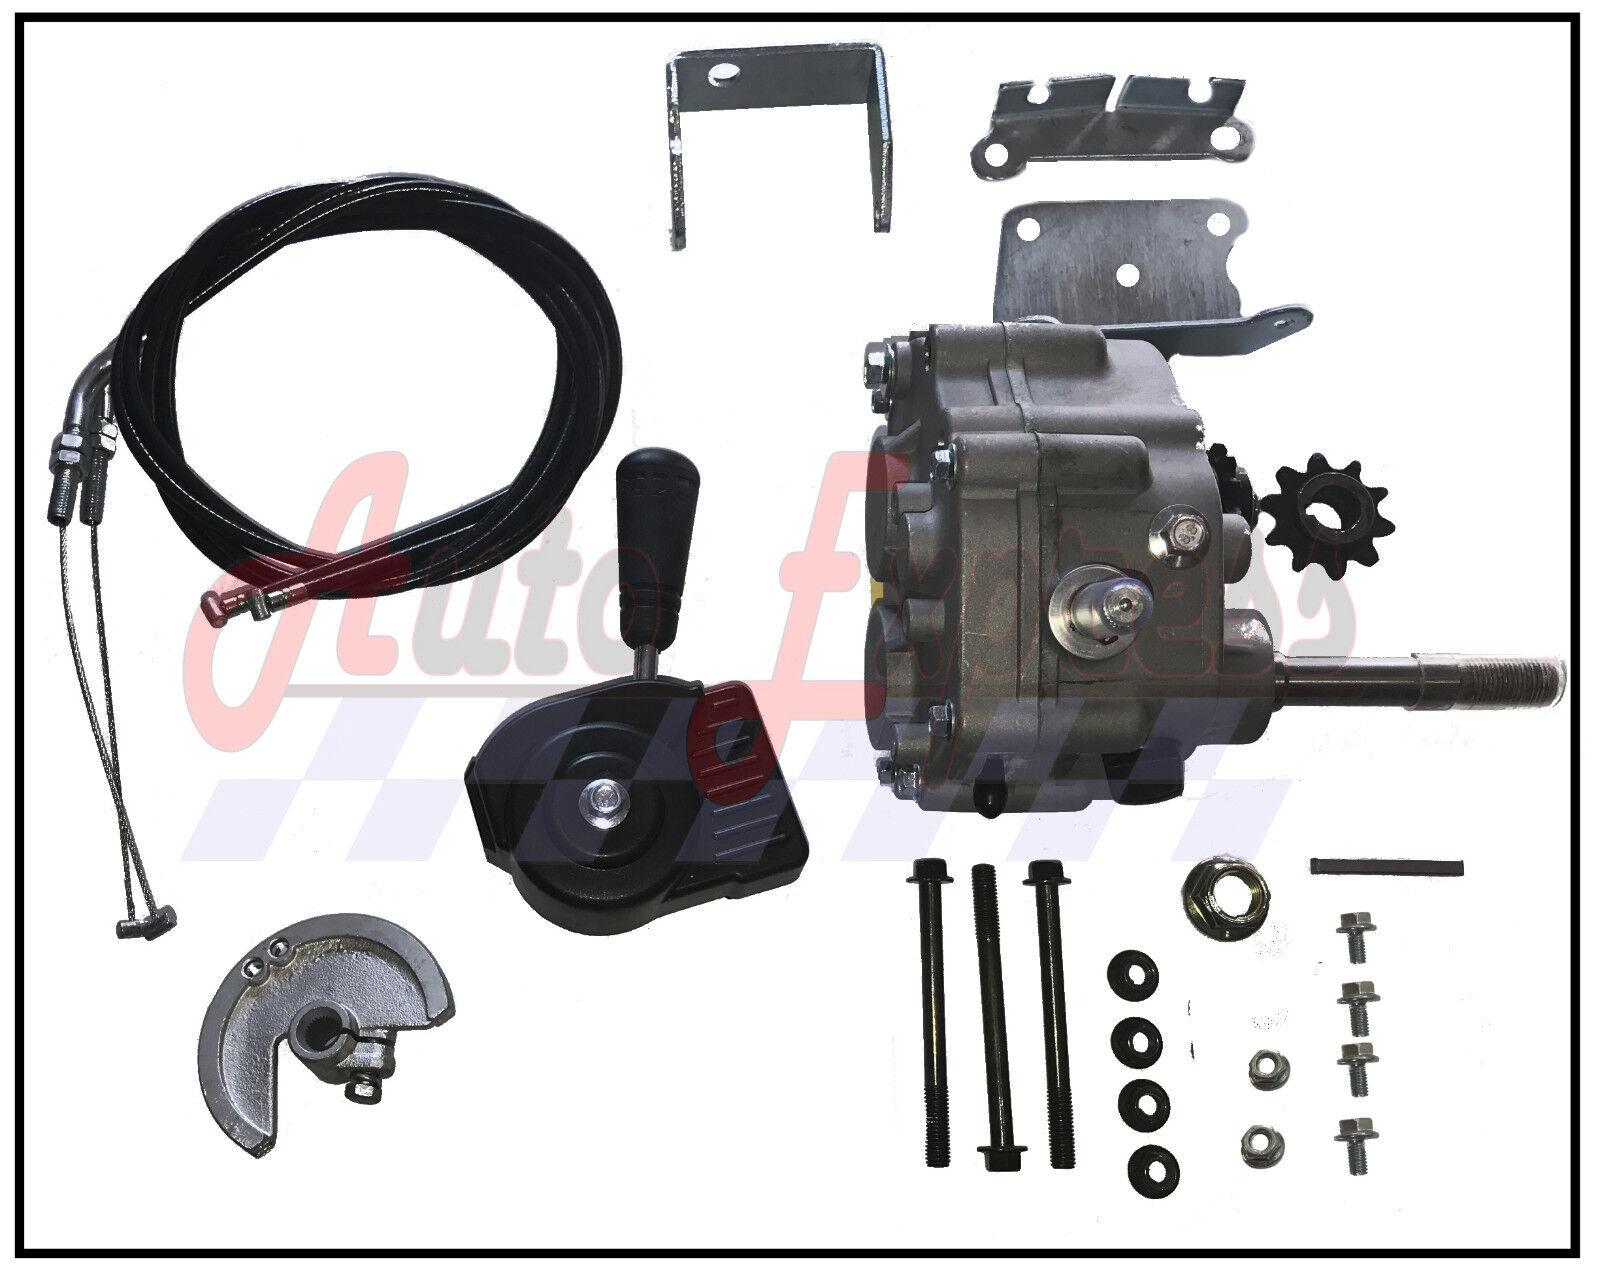 Universal Go Kart Forward Reverse Gear Box For 3 4  TAV2 30 40 41 12T 10T